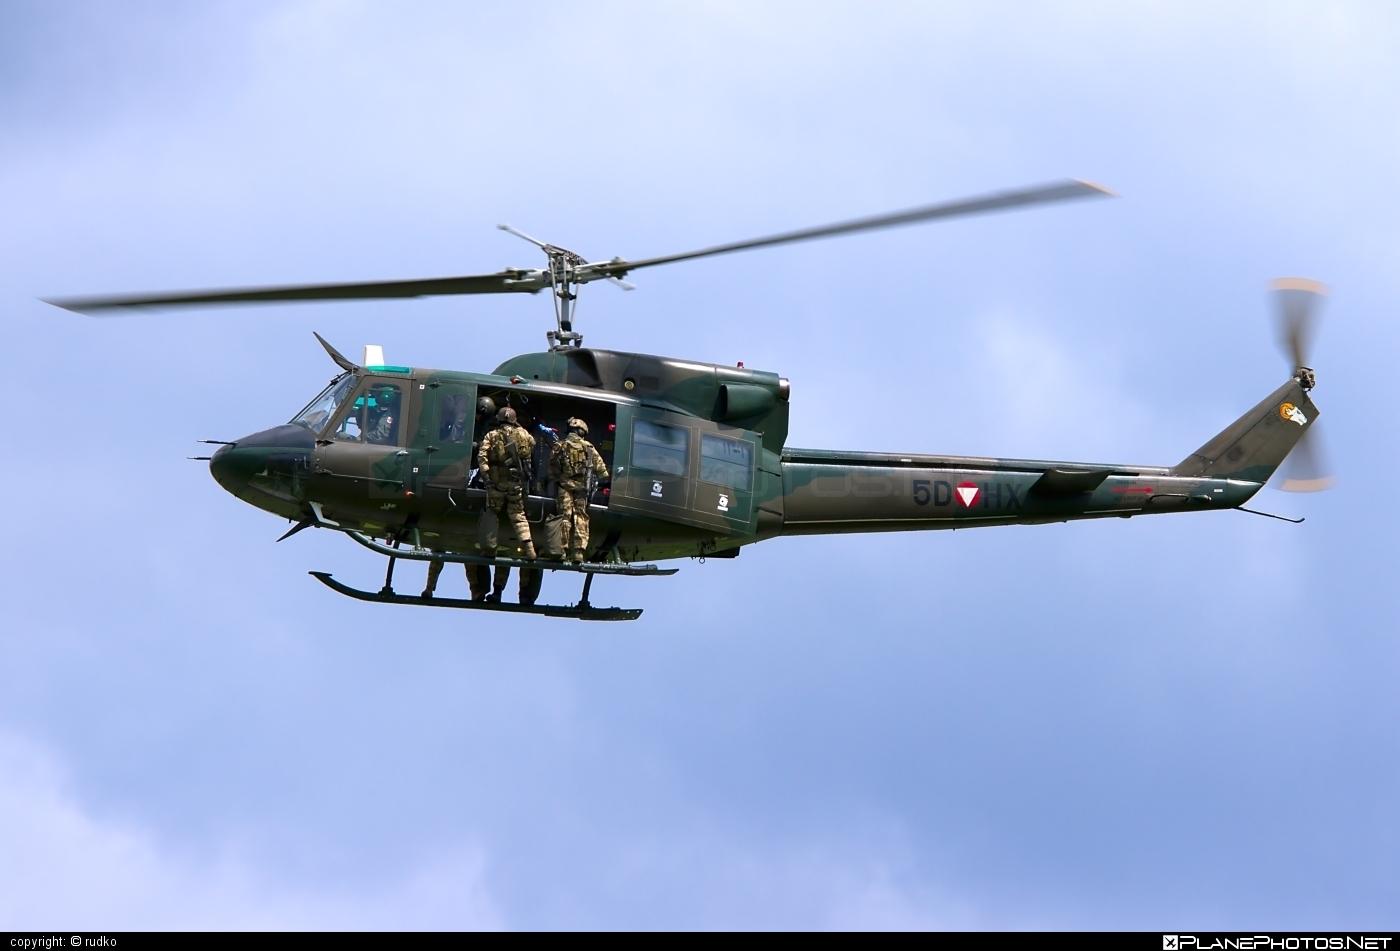 Österreichische Luftstreitkräfte (Austrian Air Force) Agusta Bell AB-212 - 5D-HX #agustabell #austrianairforce